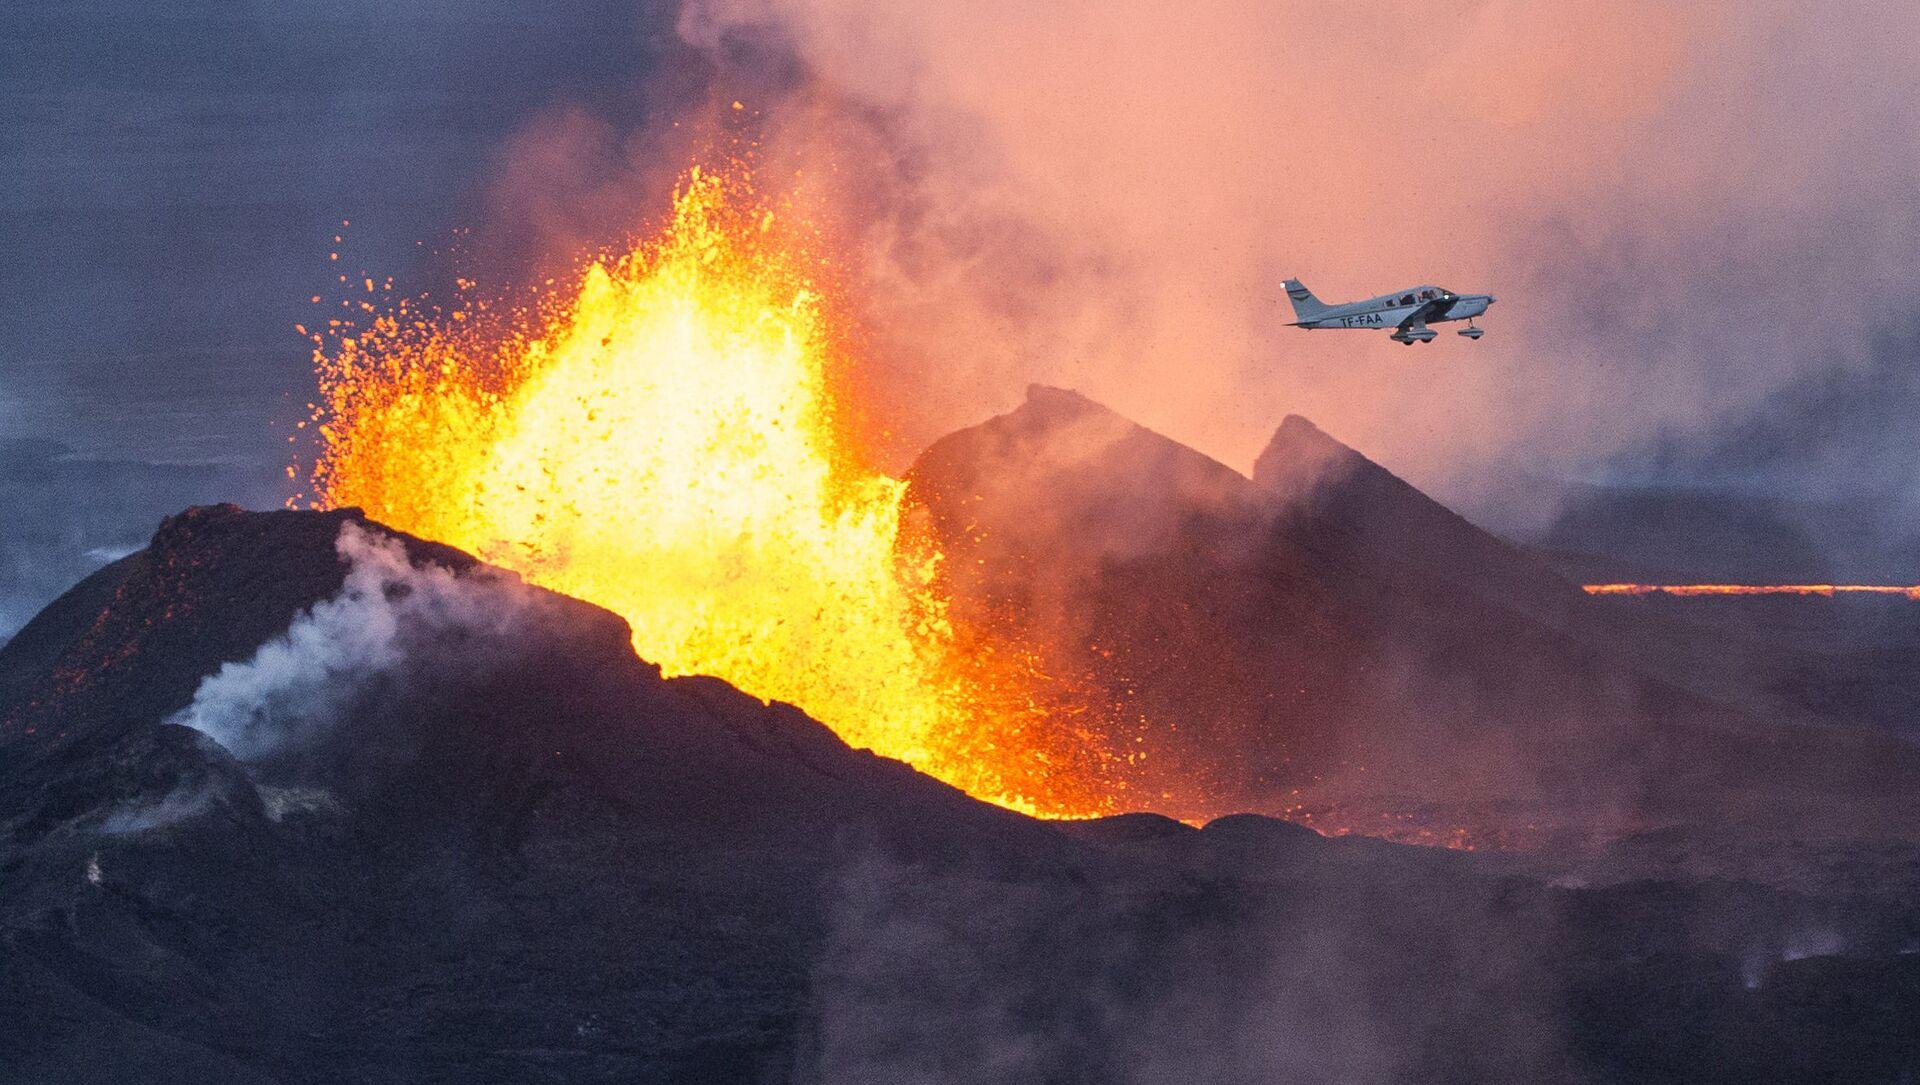 アイスランド ファグラダルスフィヤル火山 6千年の眠りから目覚める - Sputnik 日本, 1920, 21.03.2021